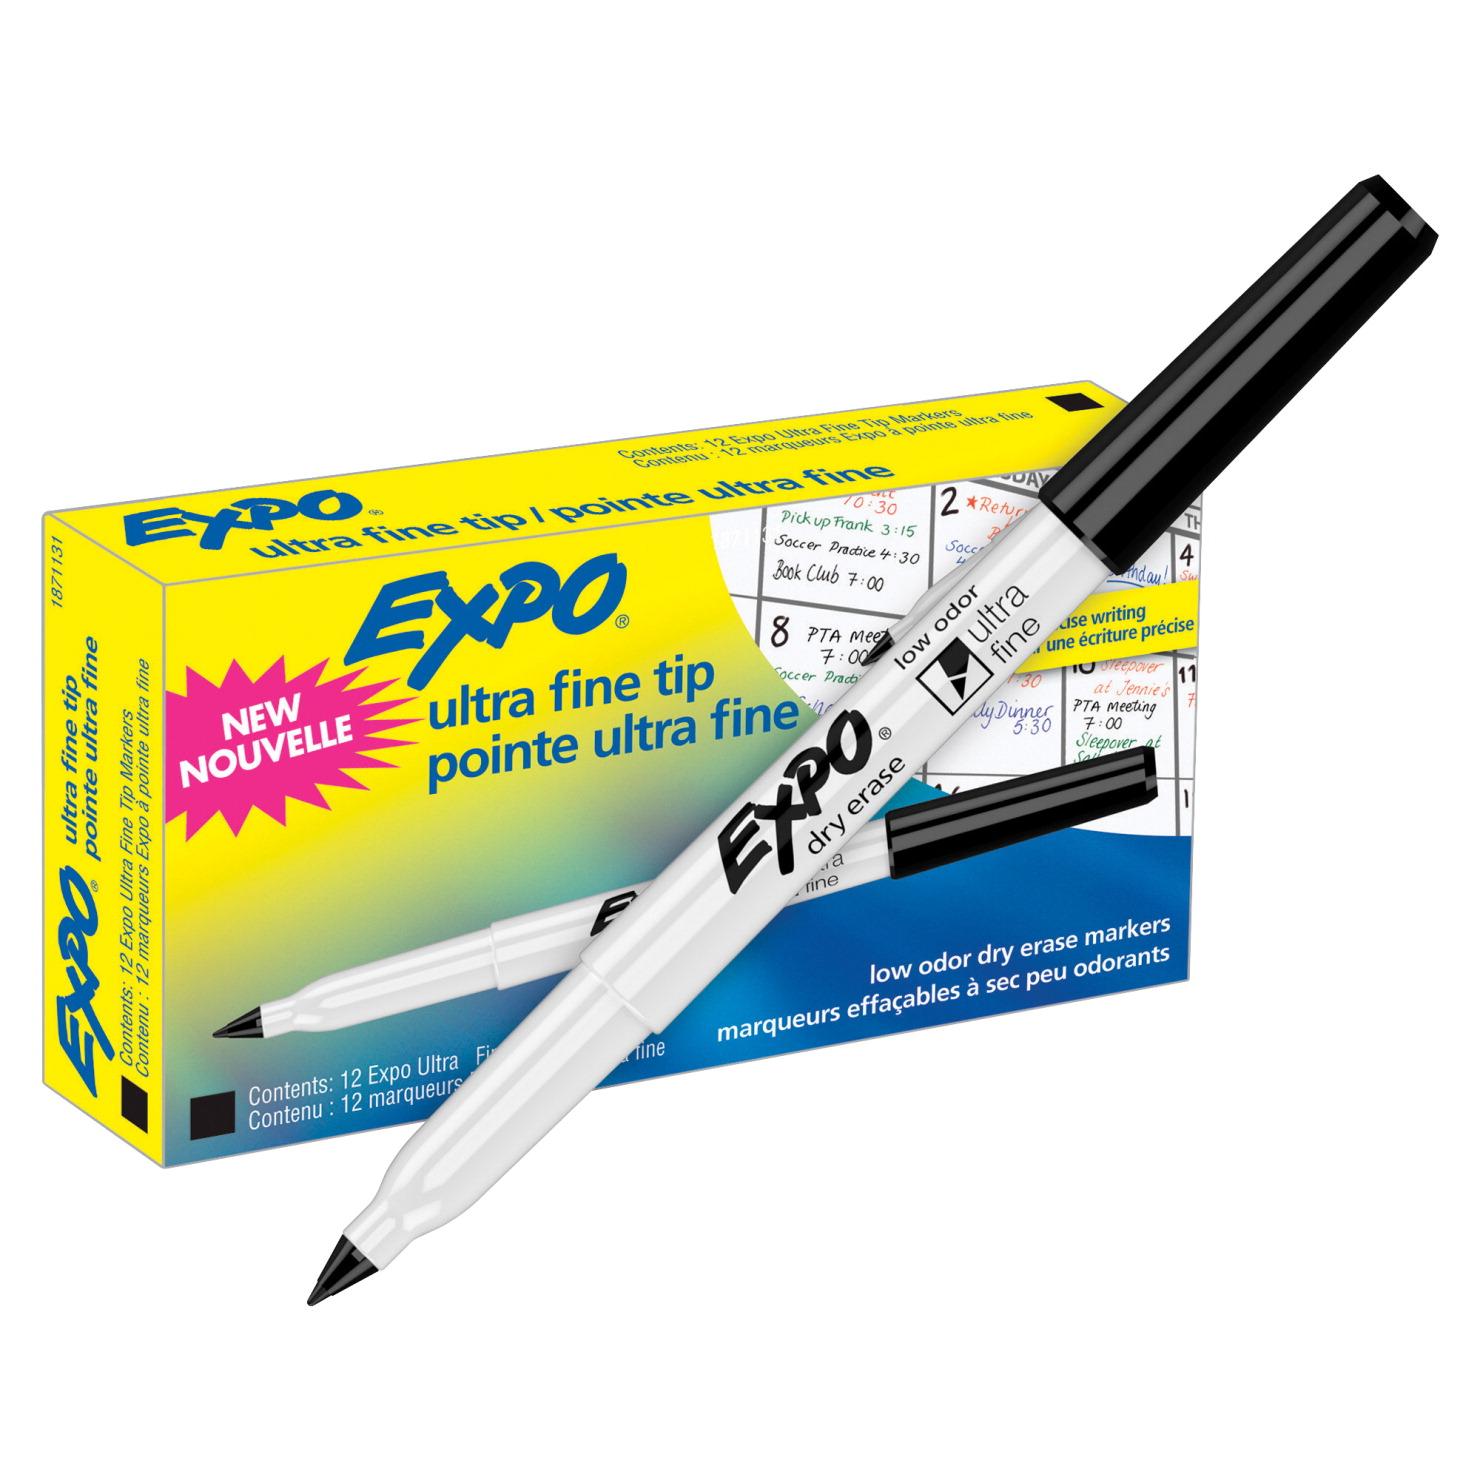 EXPO Dry Erase Marker, Black - SCHOOL SPECIALTY MARKETPLACE